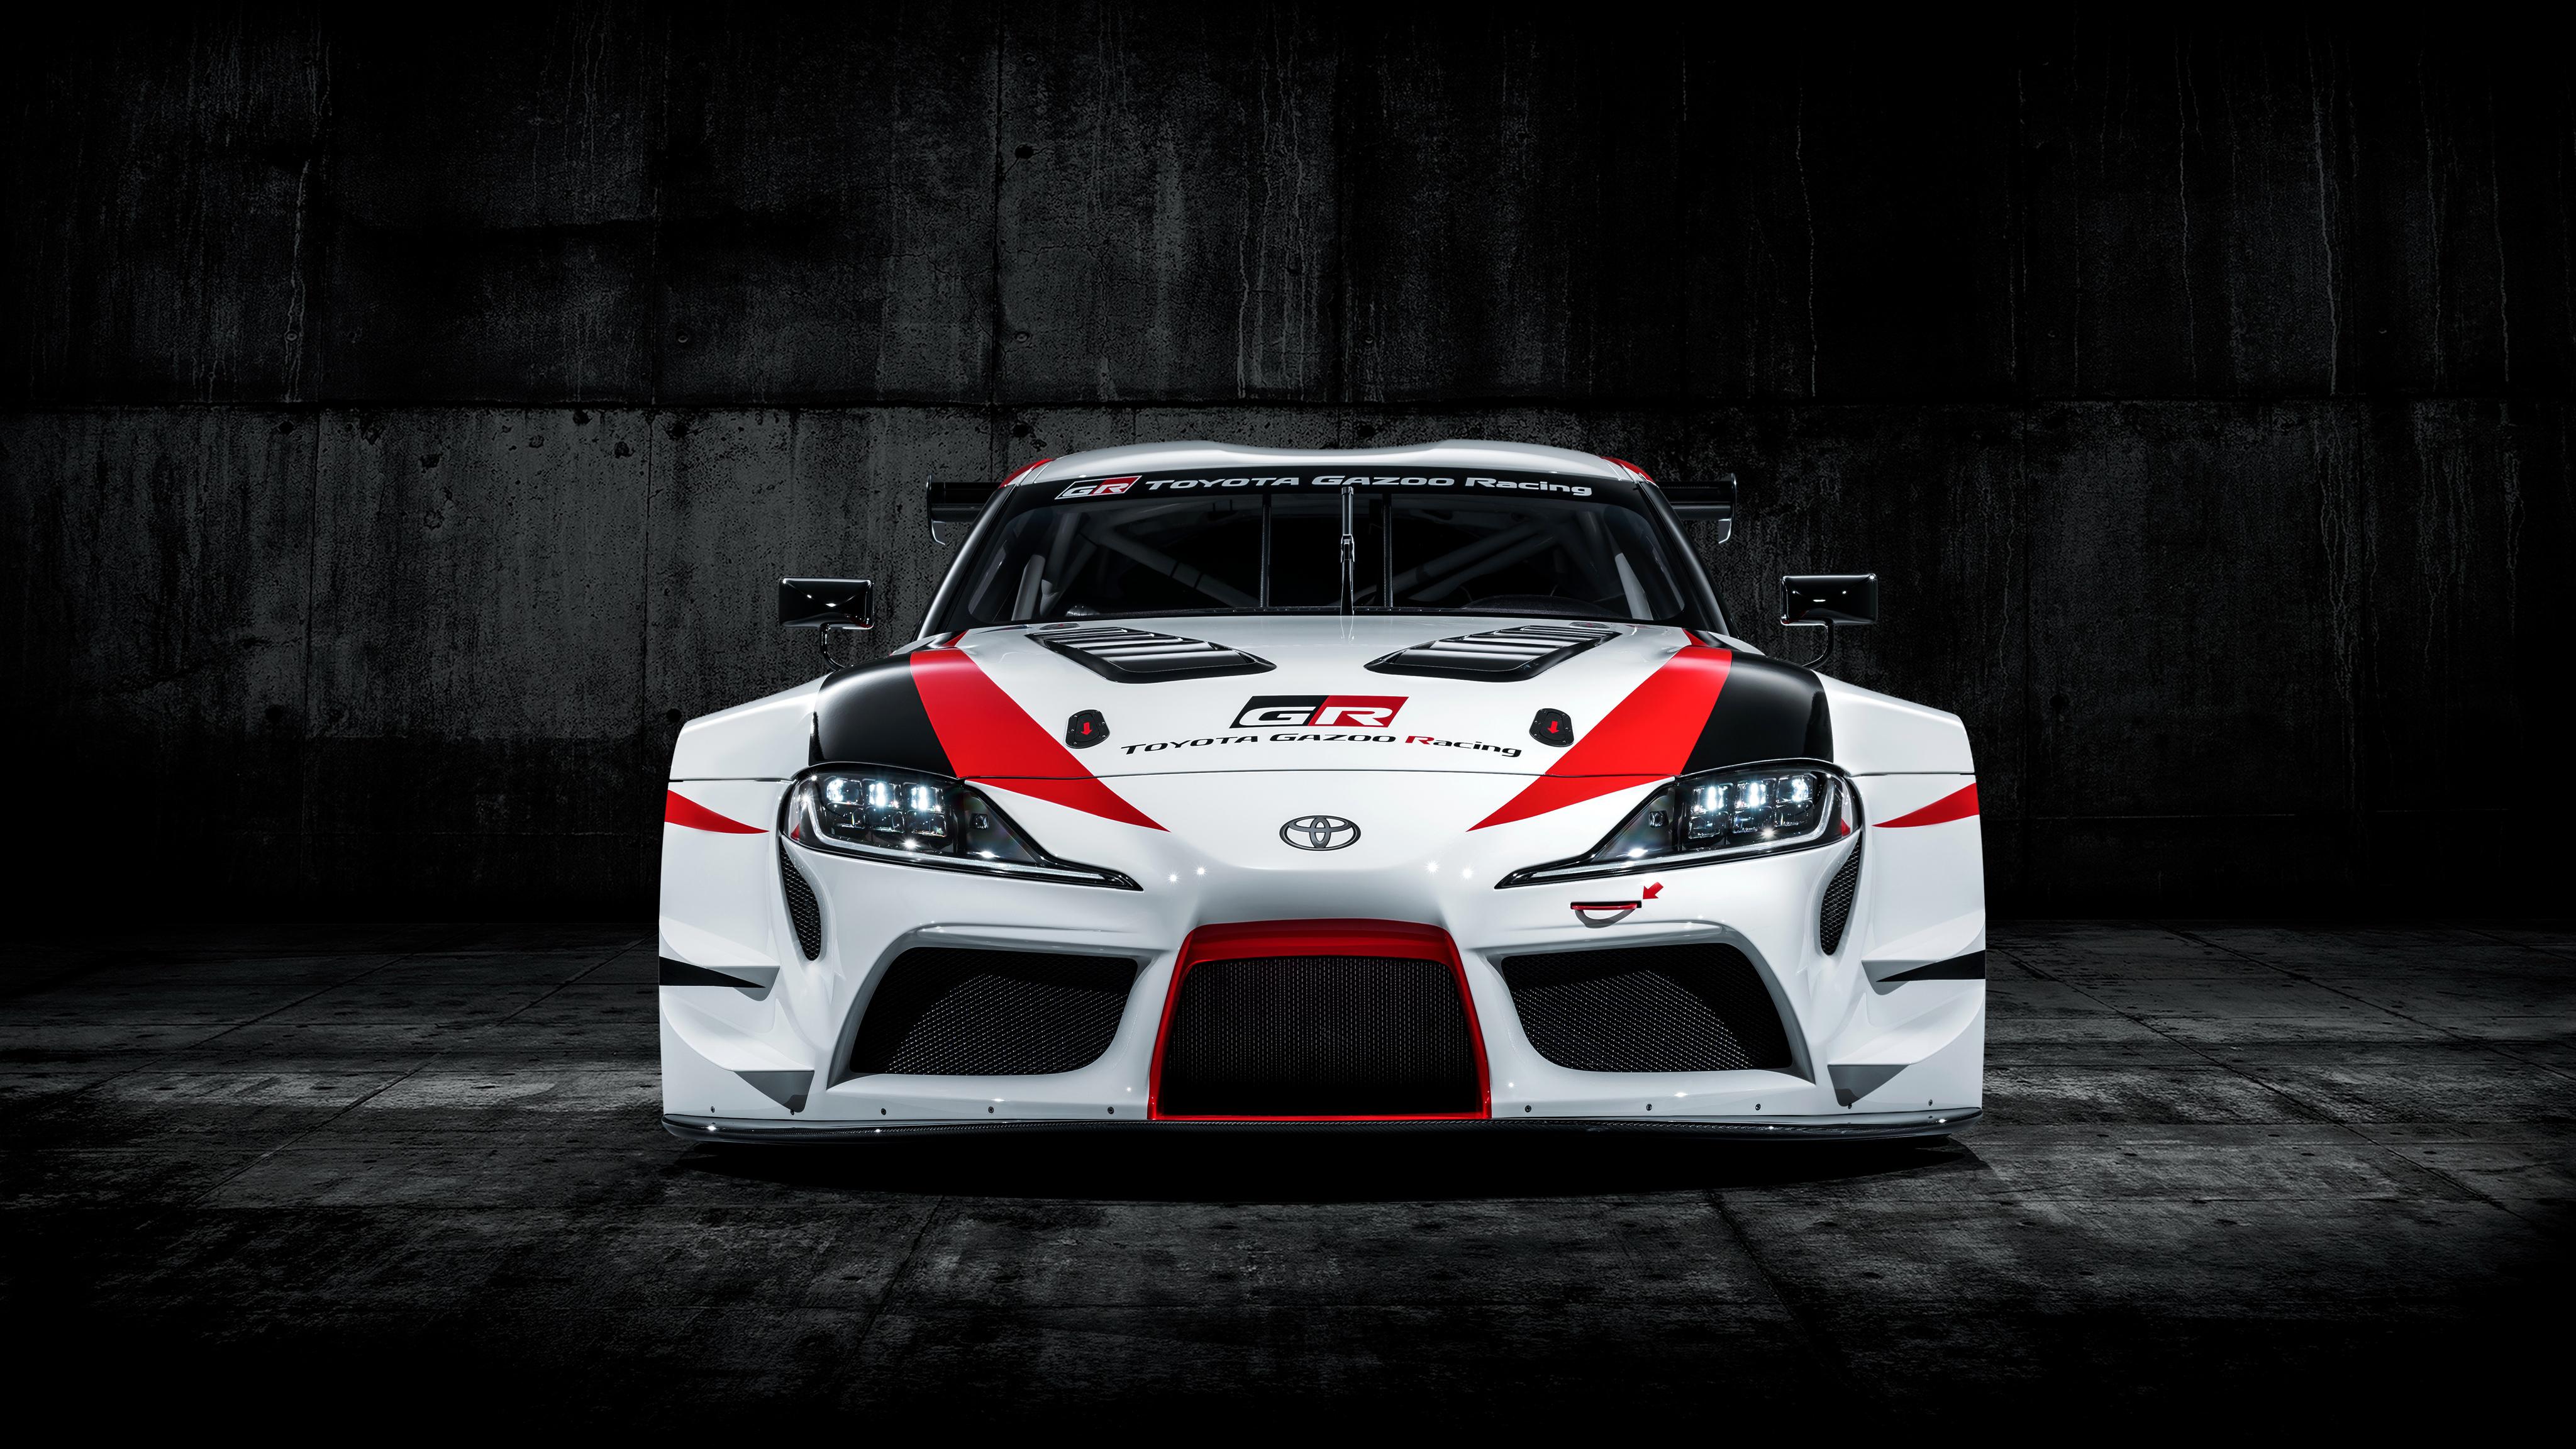 2018 Toyota Gr Supra Racing Concept 4k Wallpaper Hd Car